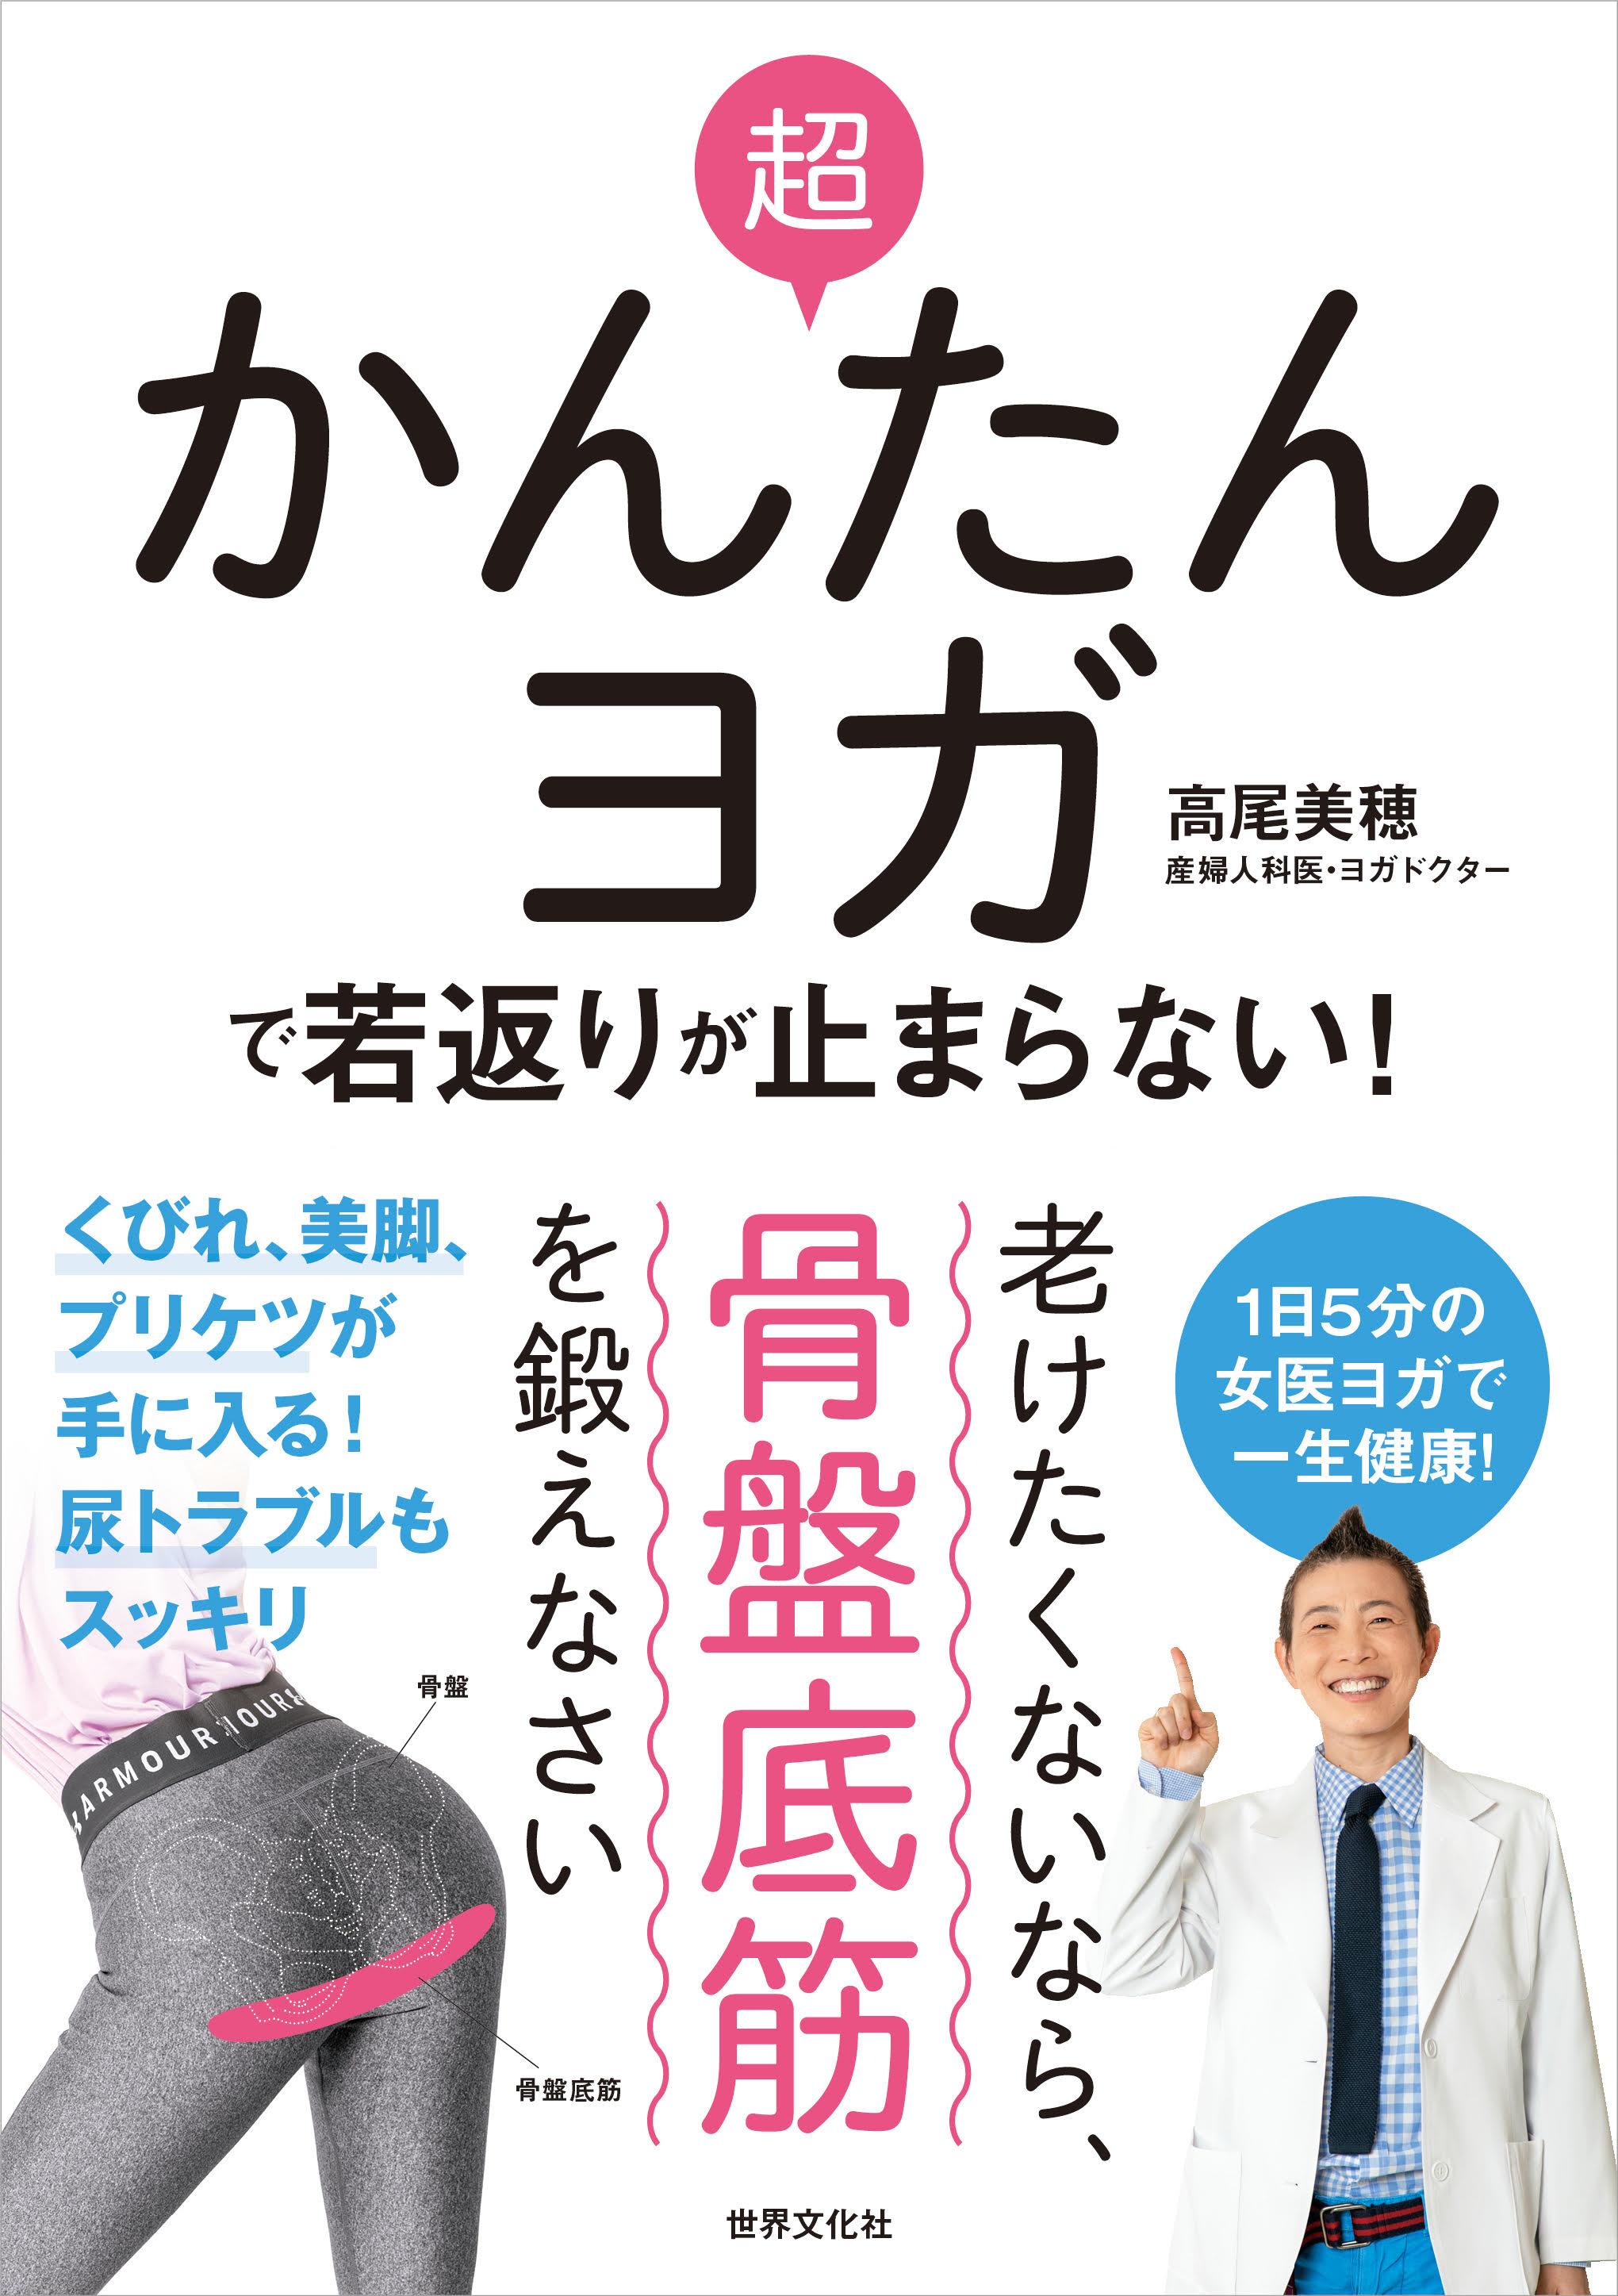 骨盤 底 筋 を 鍛える 【医師監修】骨盤底筋トレーニング